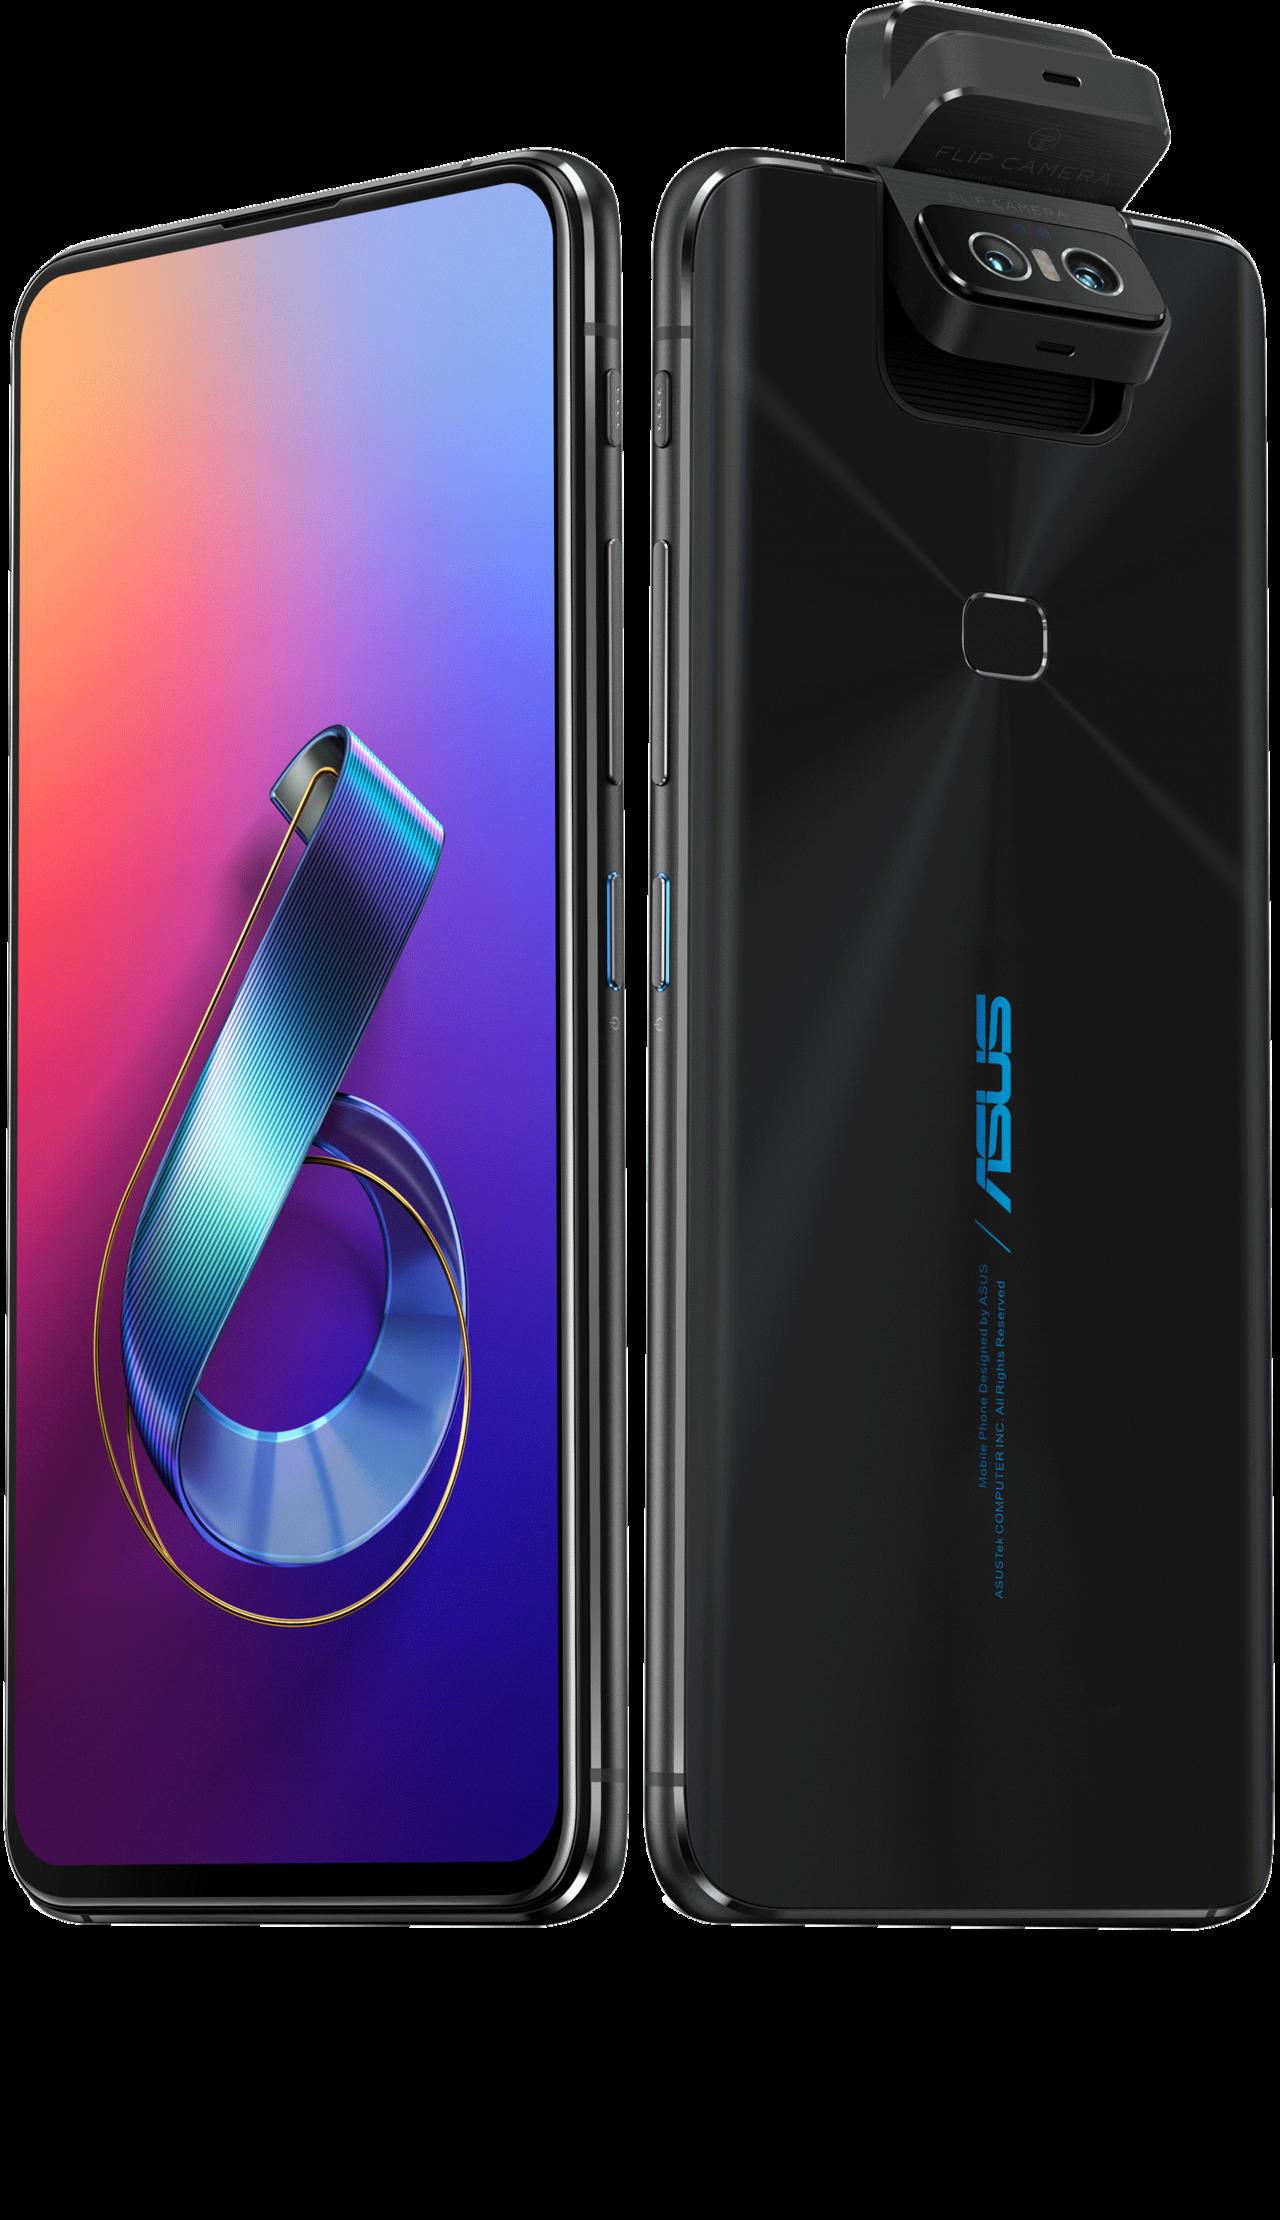 華碩ZenFone 6迷霧黑搶先在台上市。 圖/華碩提供